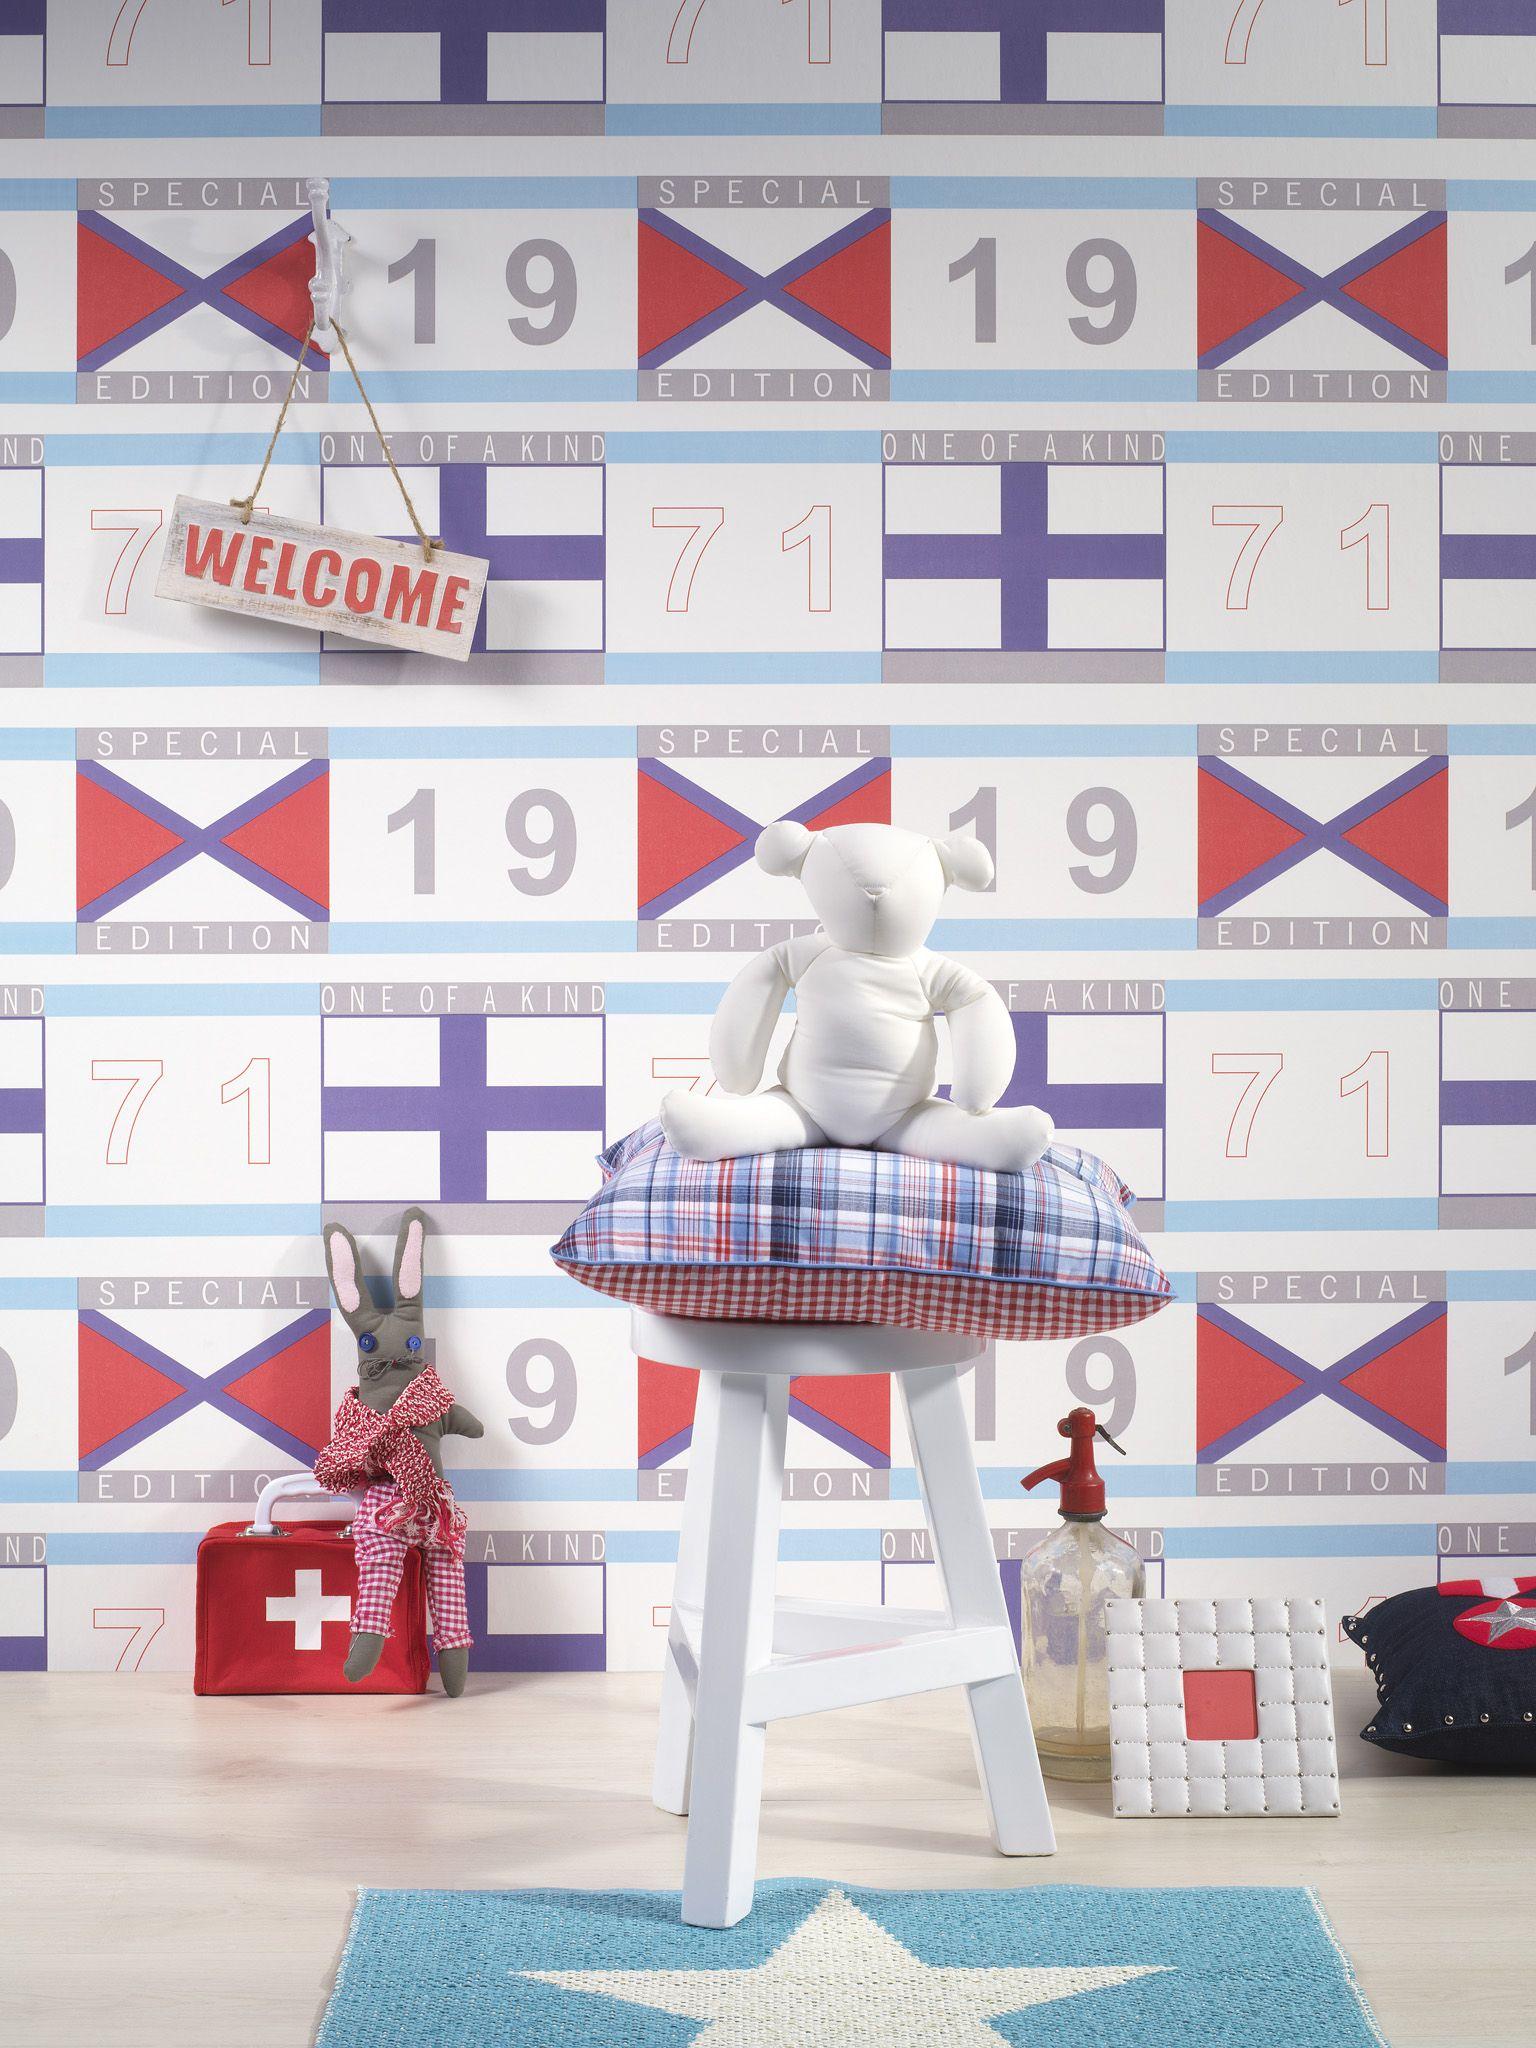 #Jongensbehang van dimago My First Room exclusief verkrijgbaar bij Verf en Wand. Ook met bijpassende stickers en #verf.